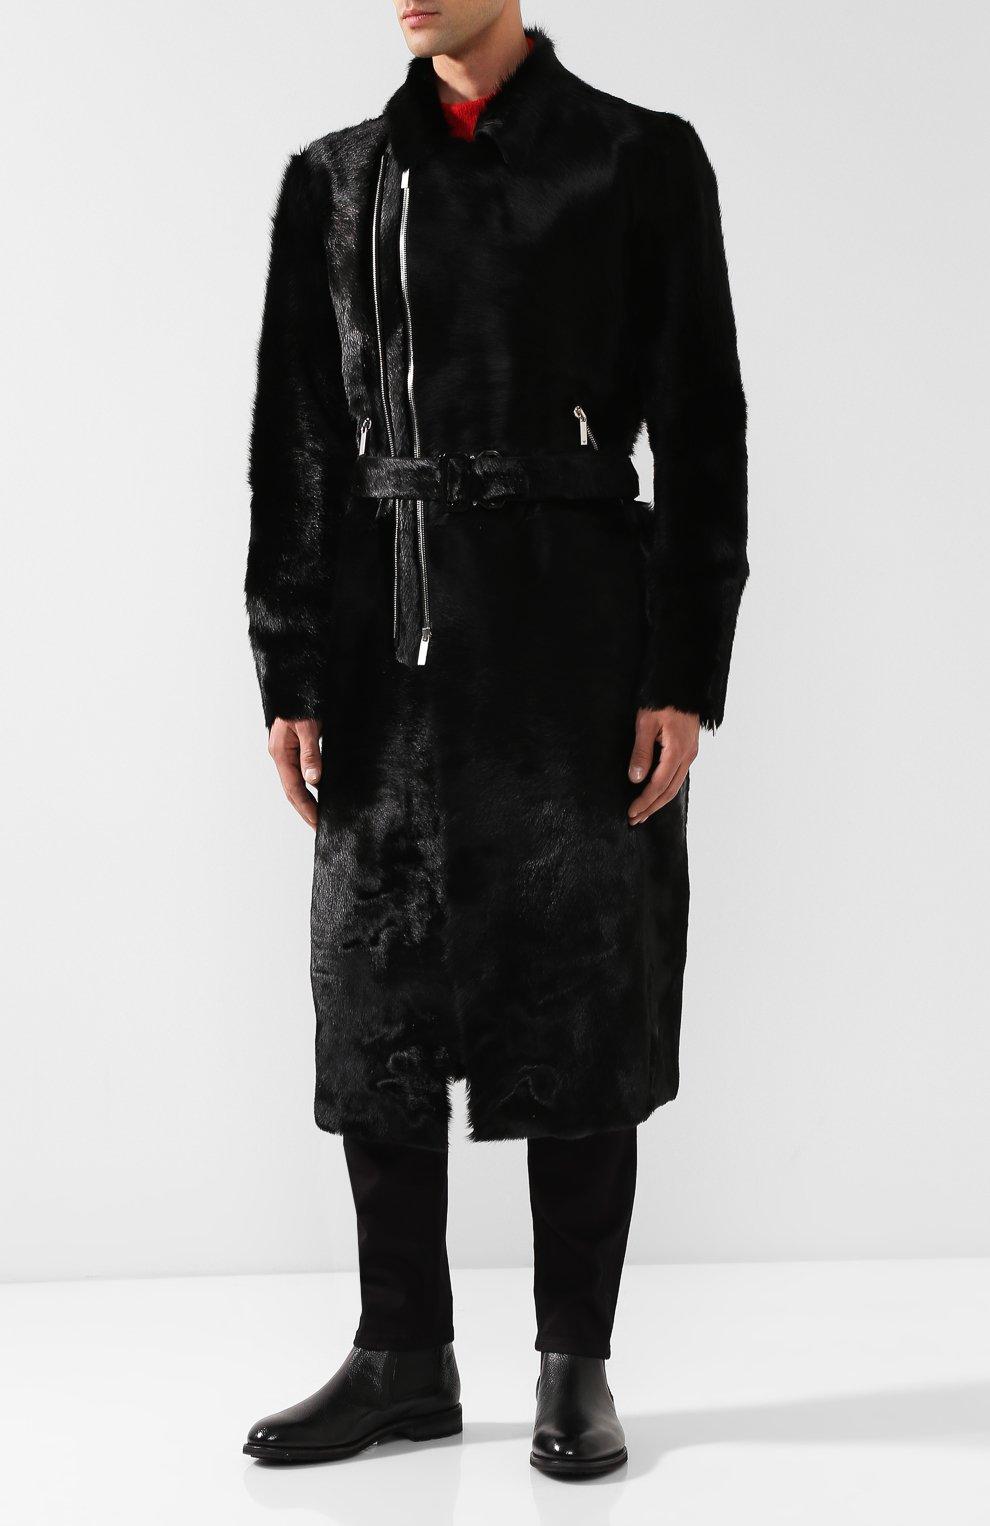 Мужская черного пальто прямого кроя из меха на косой молнии с поясом ... b2ae338d05a